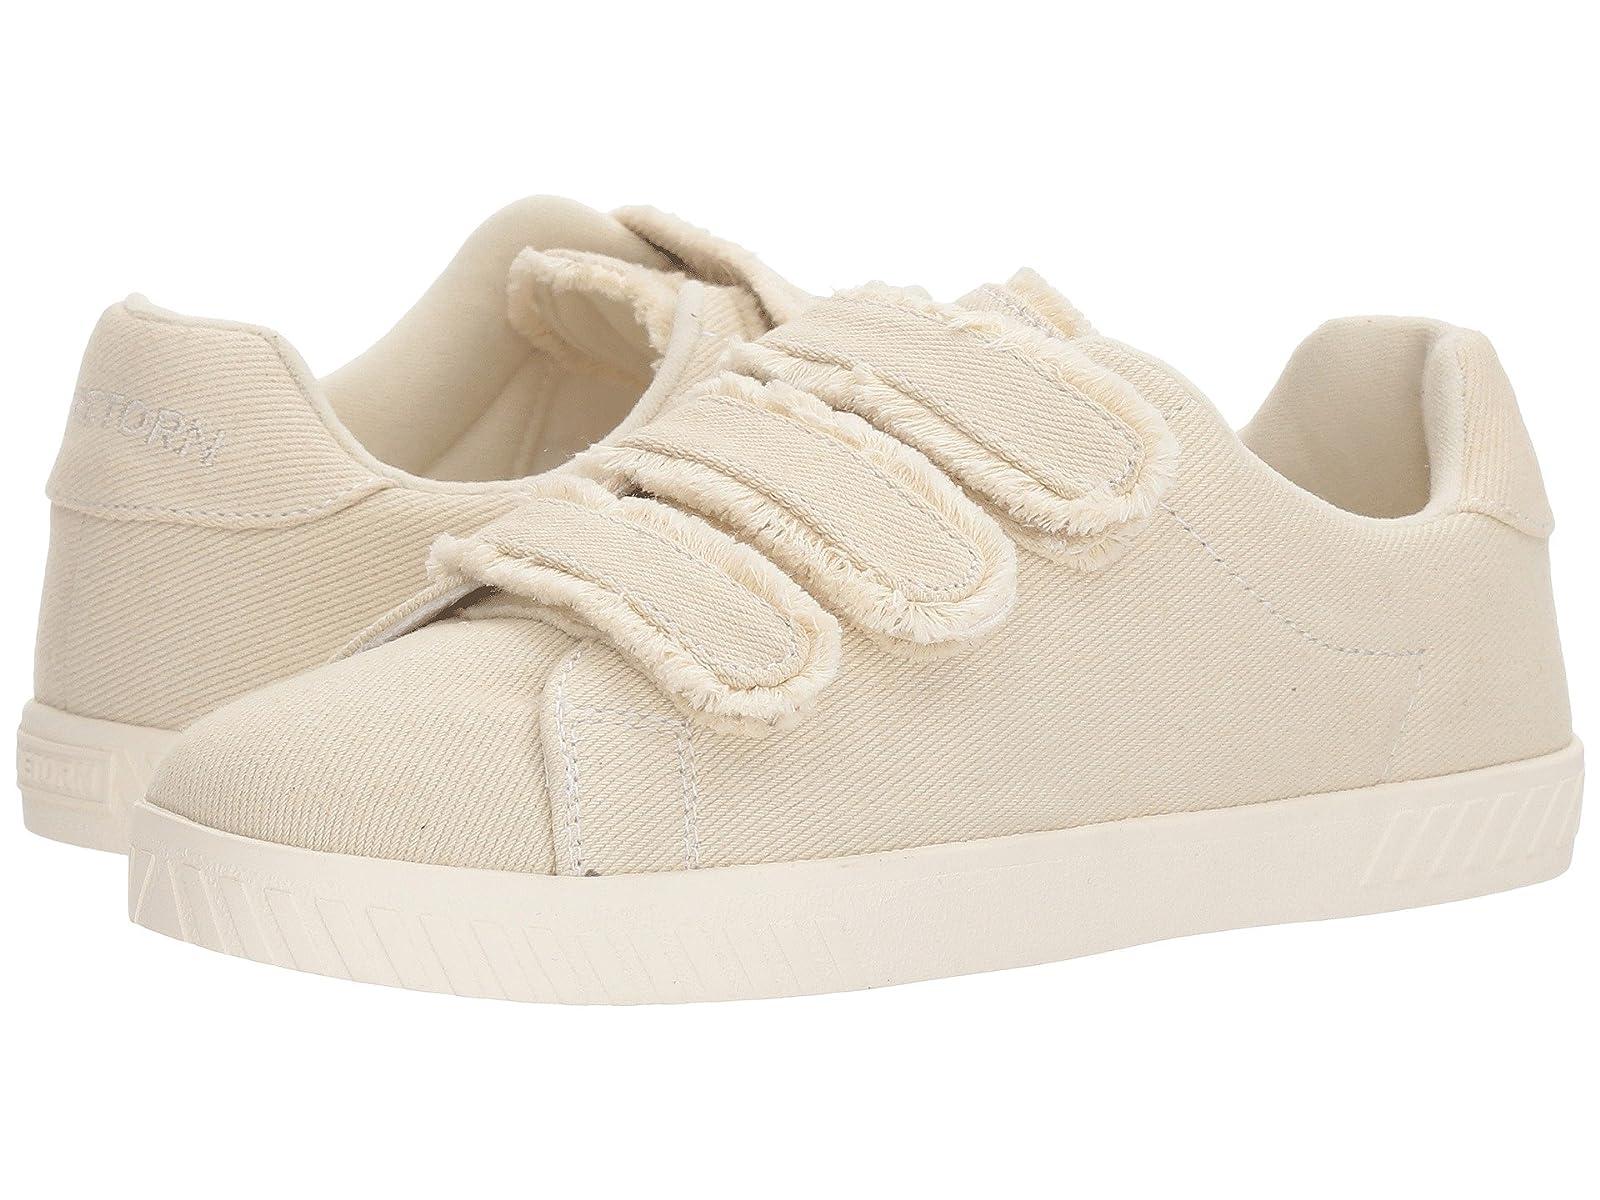 Tretorn Carry FRGAtmospheric grades have affordable shoes